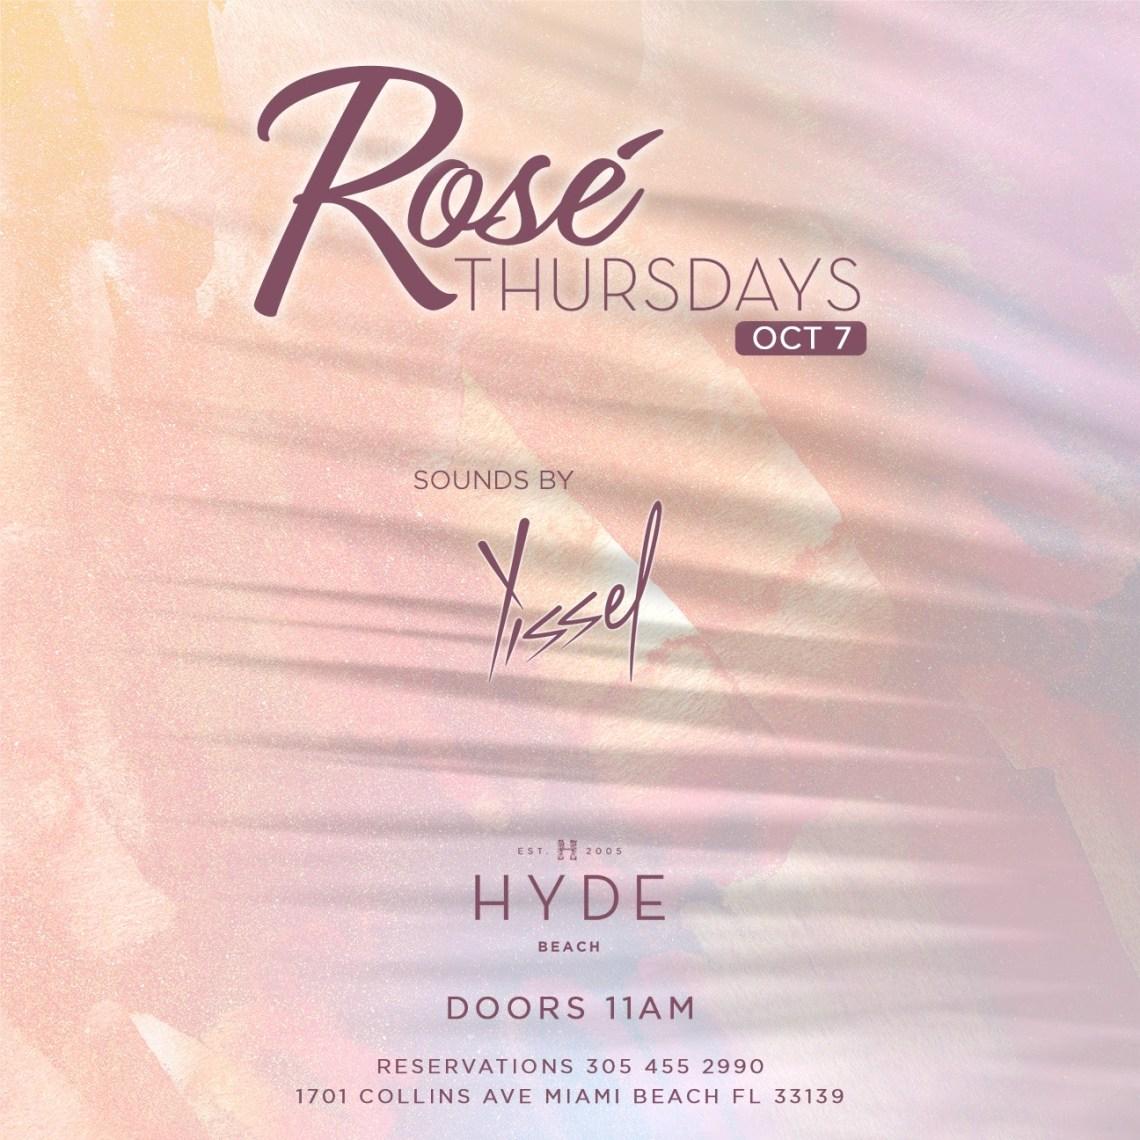 Rosé Thursdays at SLS South Beach Hyde Beach - Yissel